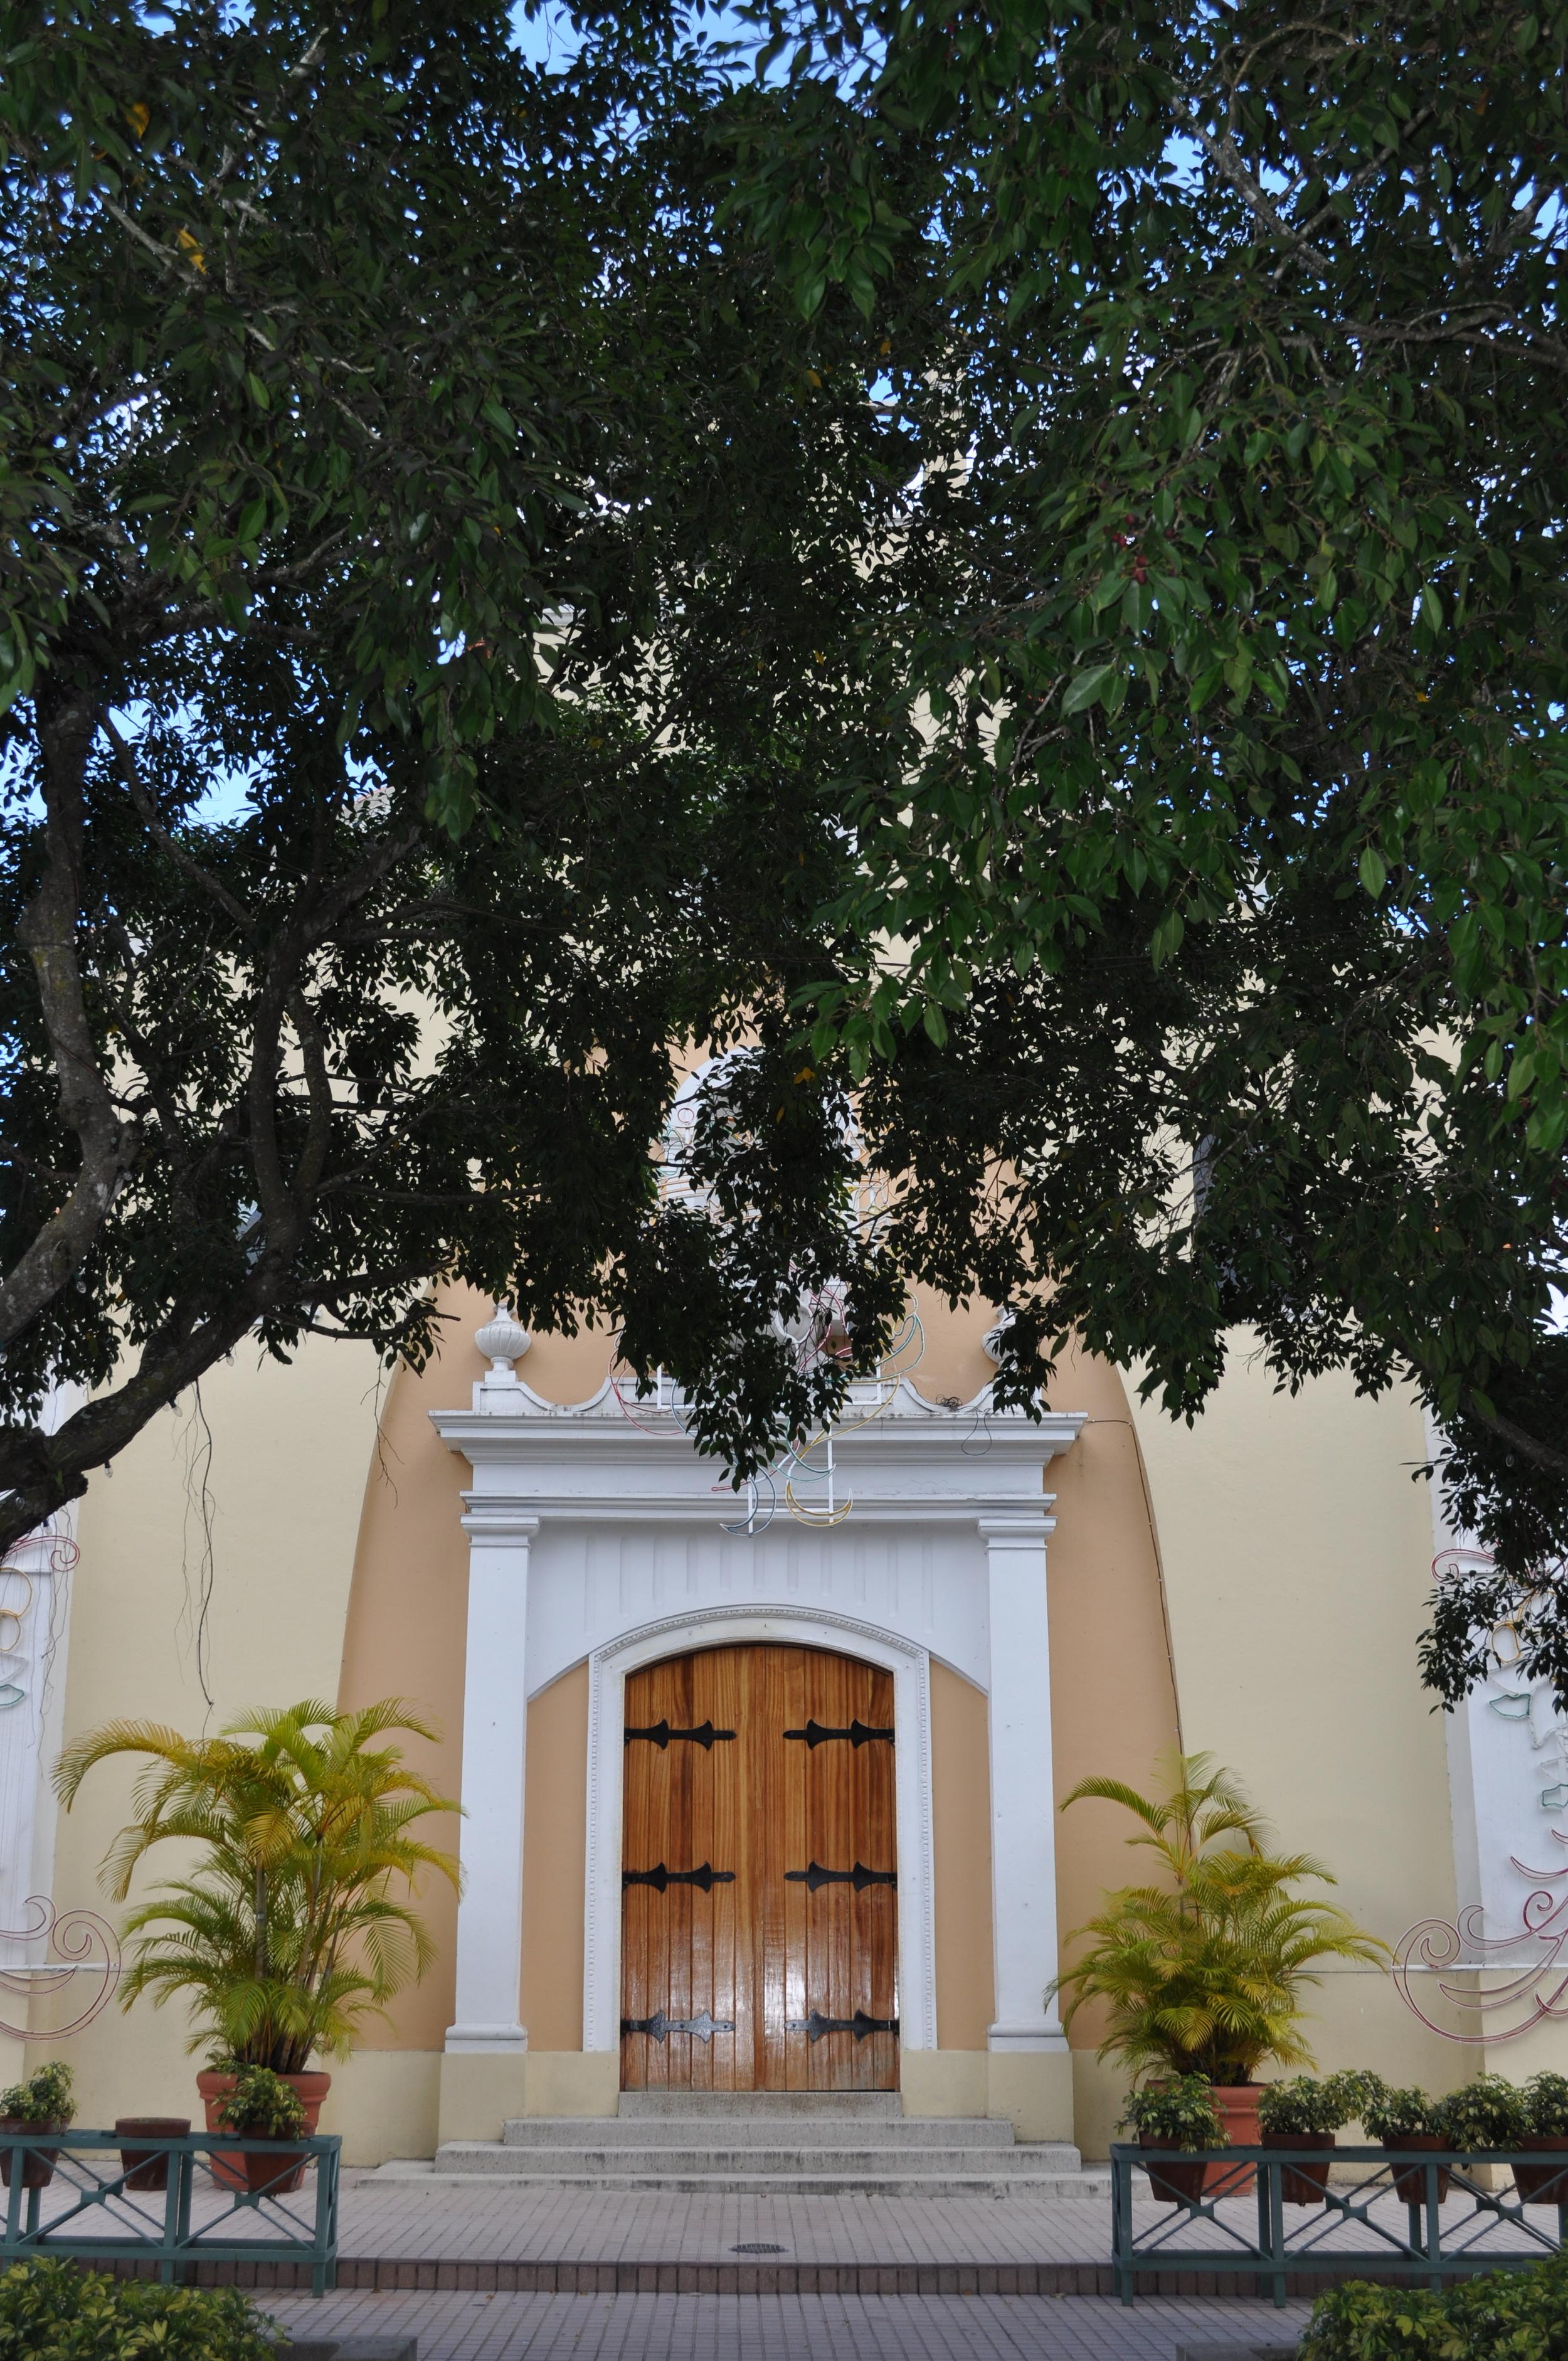 La iglesia de Jayuya, como en la mayoría de los pueblos de la isla, está ubicada frente a la Plaza. Foto: Pamy Rojas